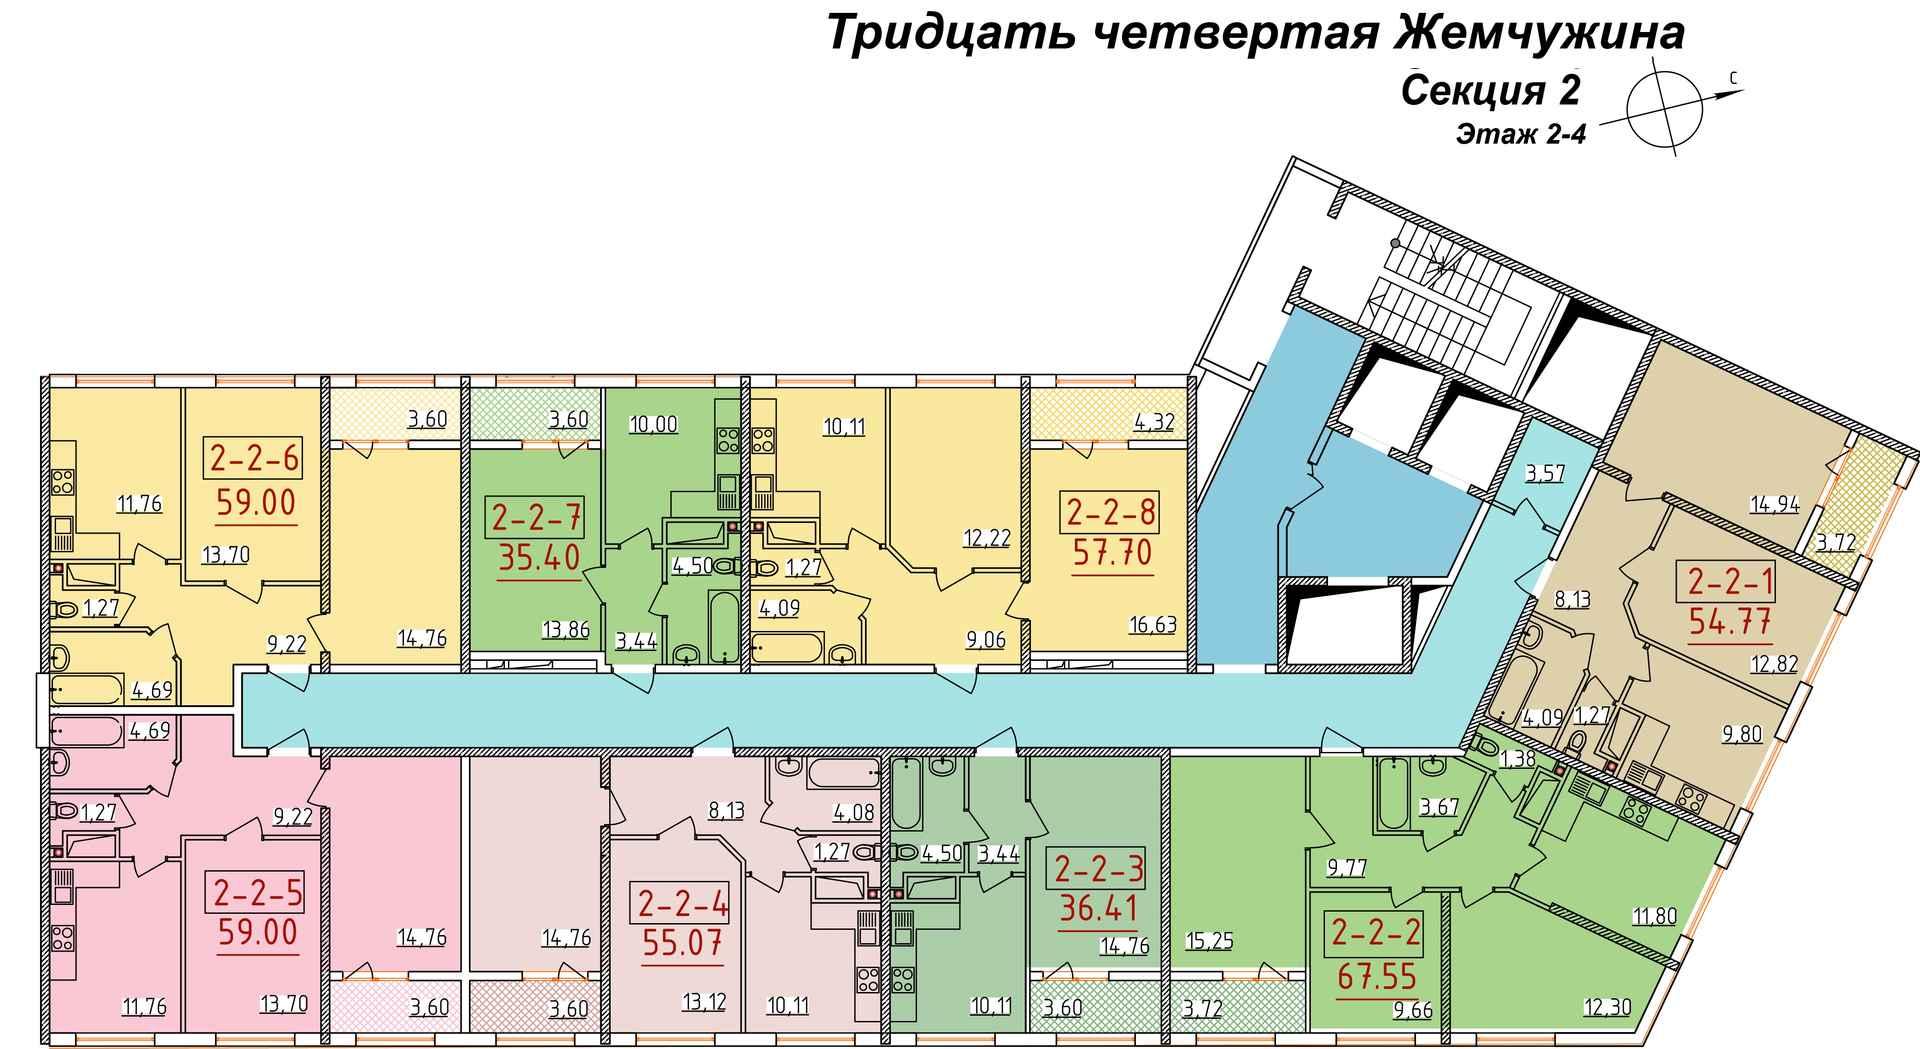 34 Жемчужина Планировка этажа Секция 2 Этаж 2-4